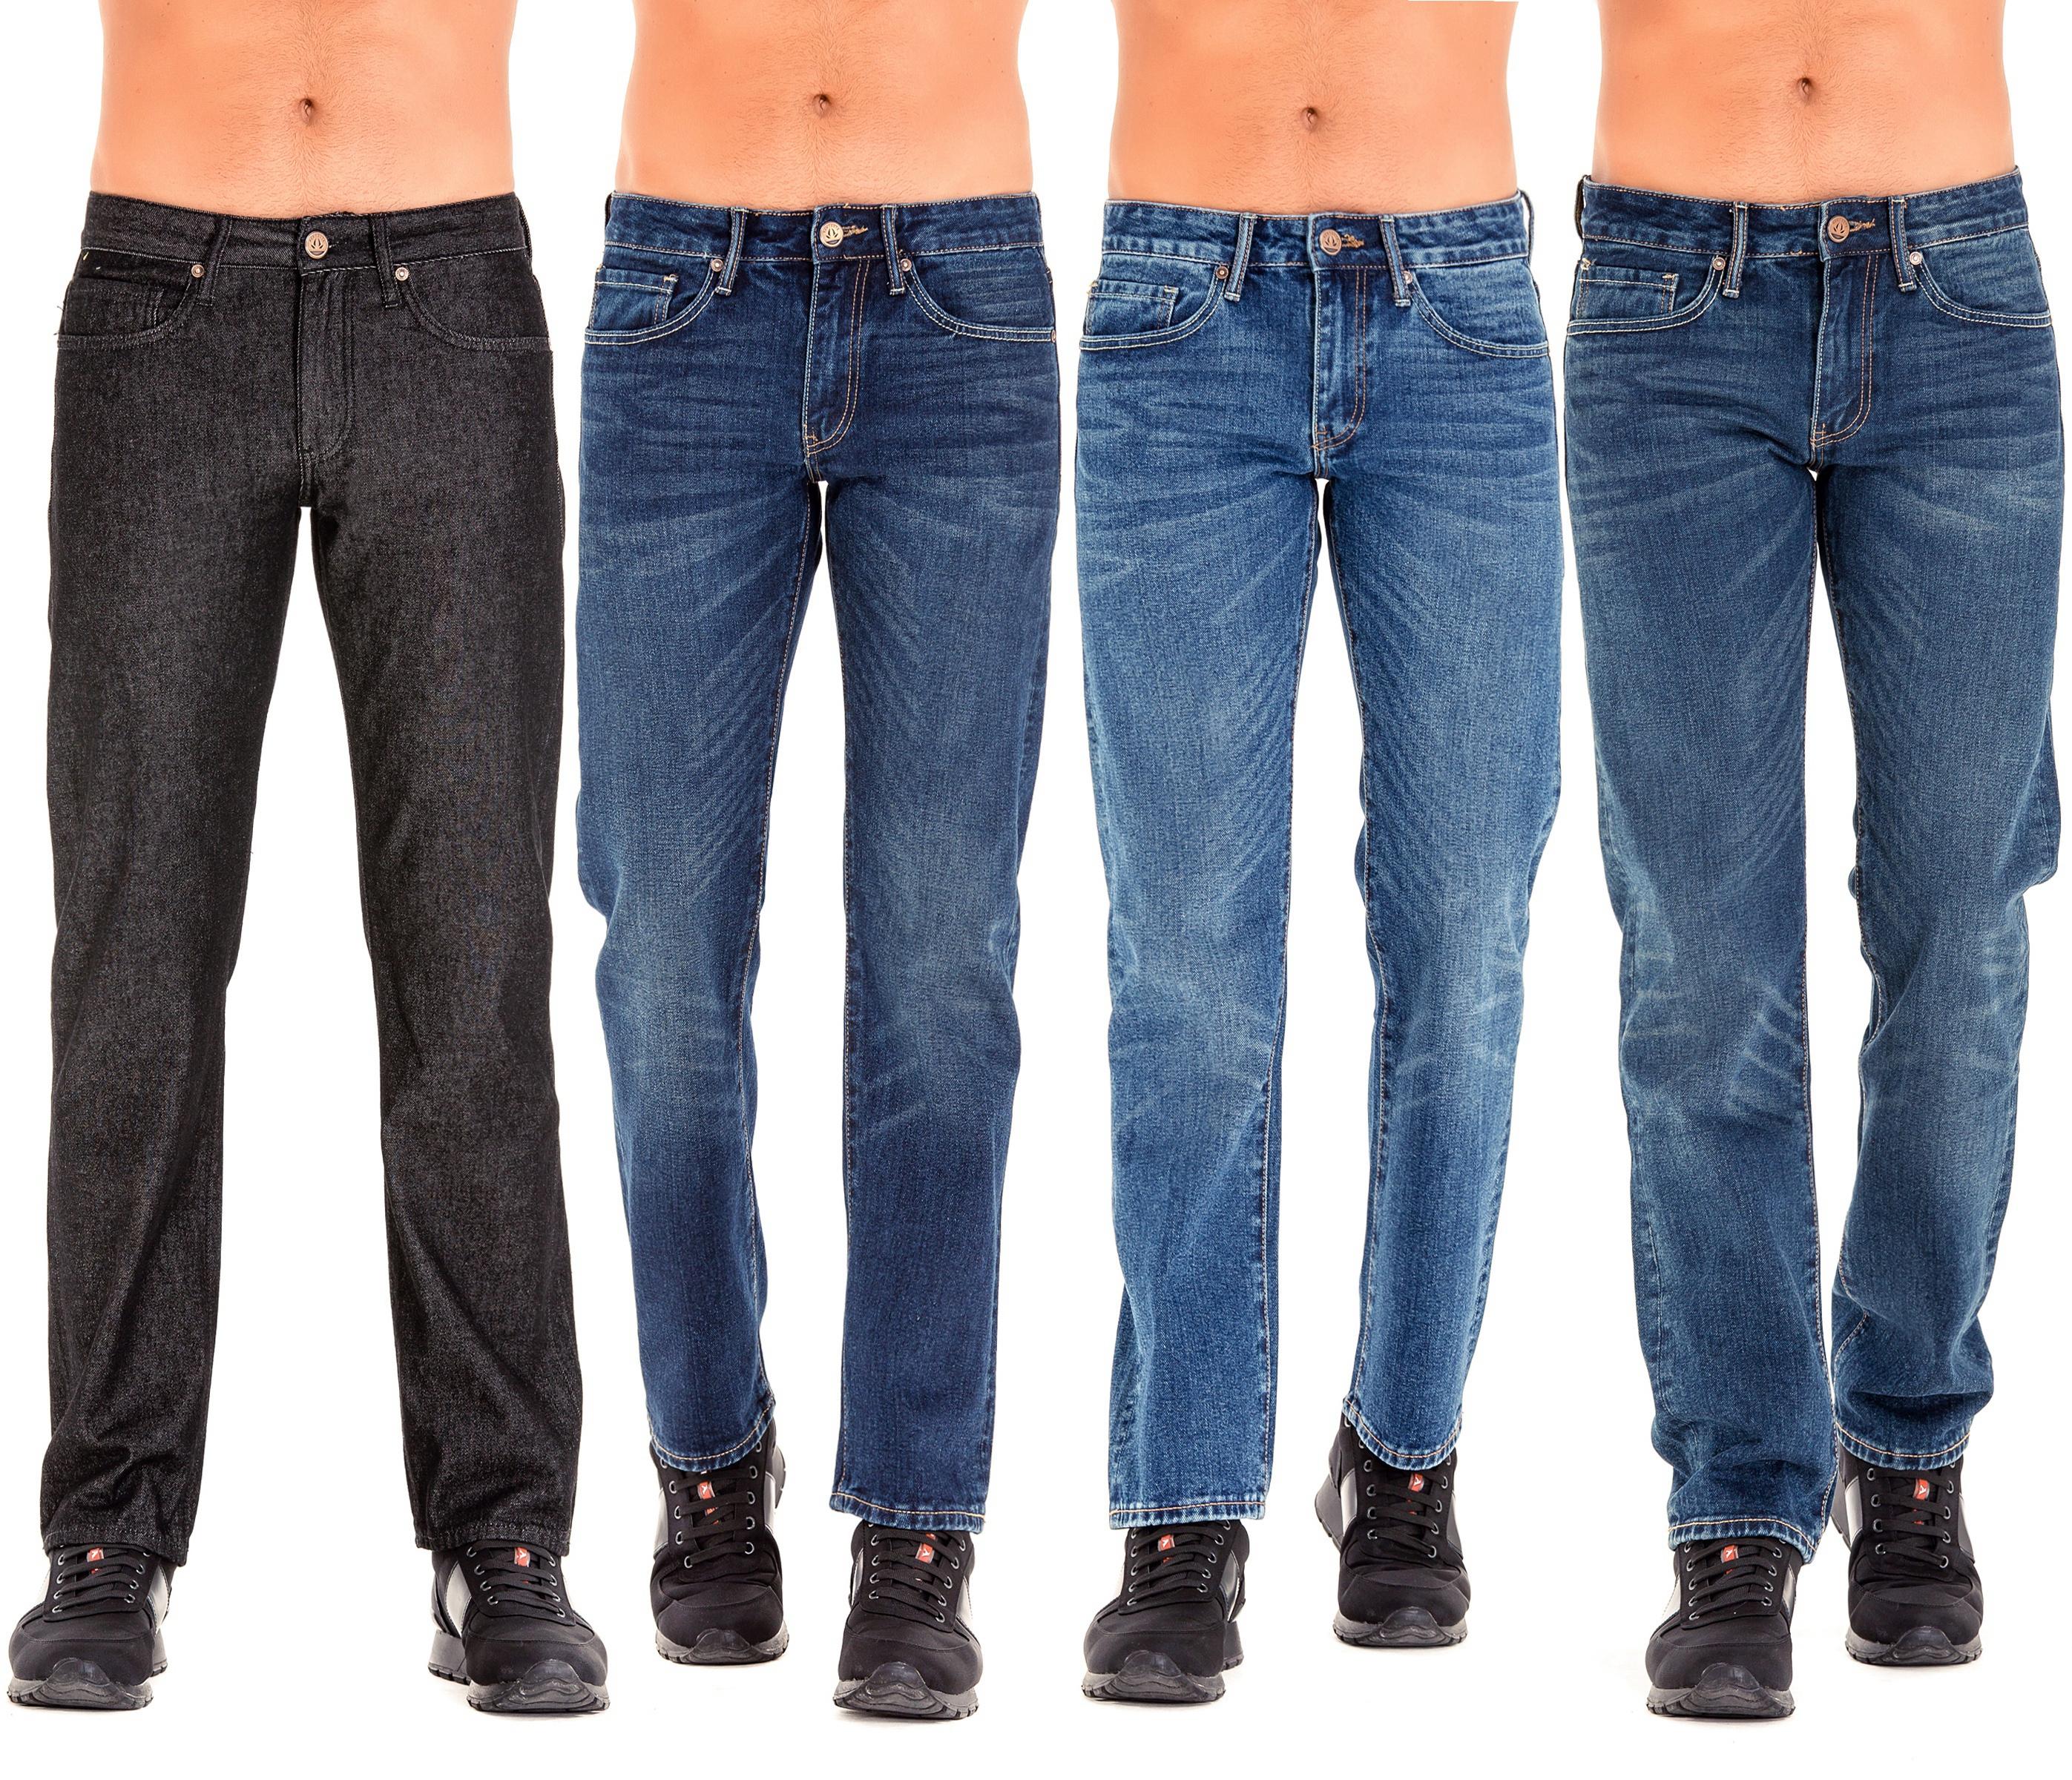 Relaxed Fit Denim Francois Girbaud 5 bolsillo Recto Cómodo Casual Clásico Denim Pantalón Negro Stock Jean Para Los Hombres Buy Pantalones Vaqueros